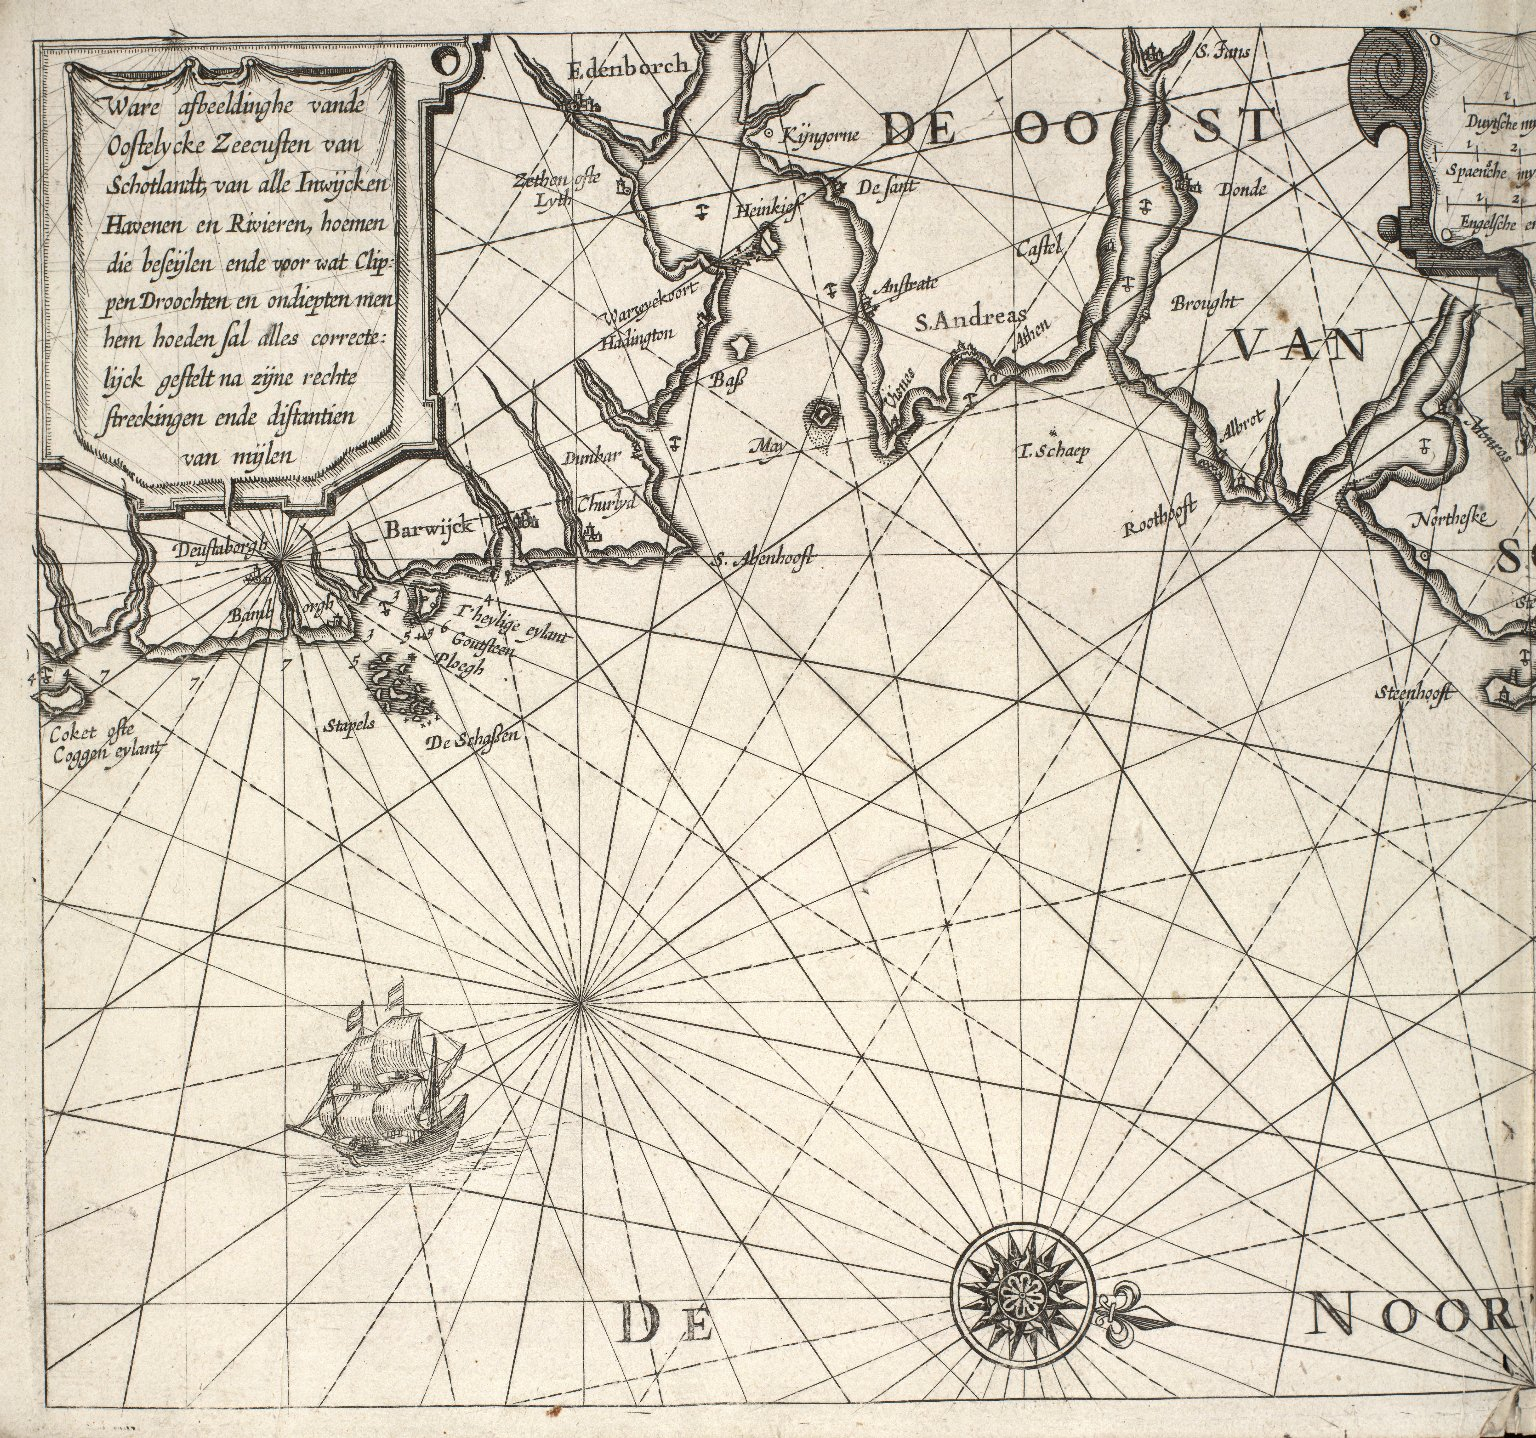 Ware afbeeldinghe vande Oostelycke Zeecusten van Schotlandt, van alle Inwijcken Havenen en Rivieren, hoemen die beseijlen ende voor wat Clippen Droochten [...] [1 of 3]